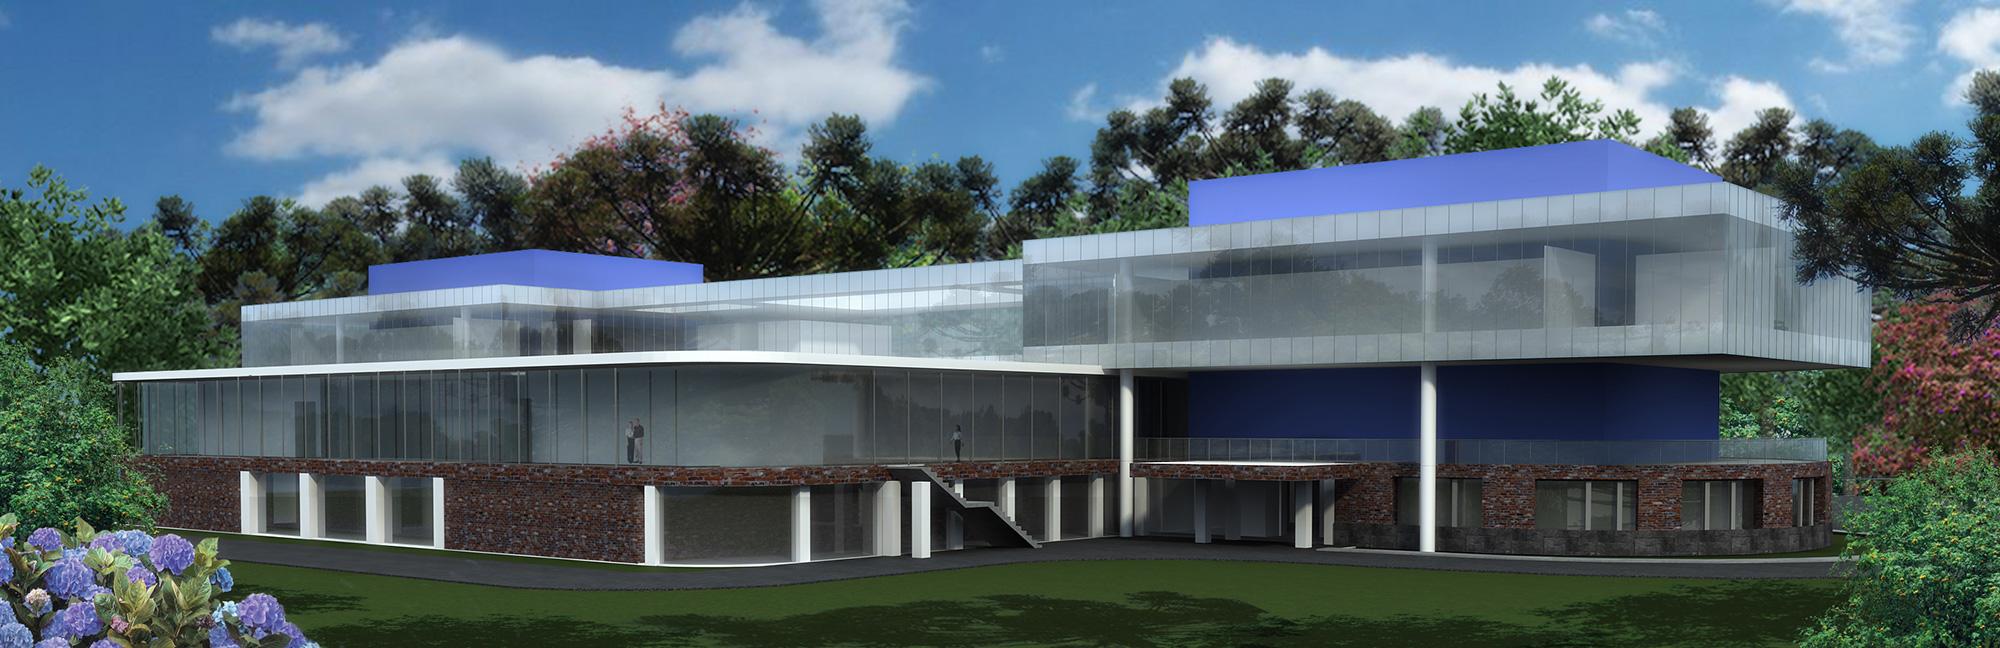 Instituto de Fotografia e Artes Visuais de Canela Slide 03